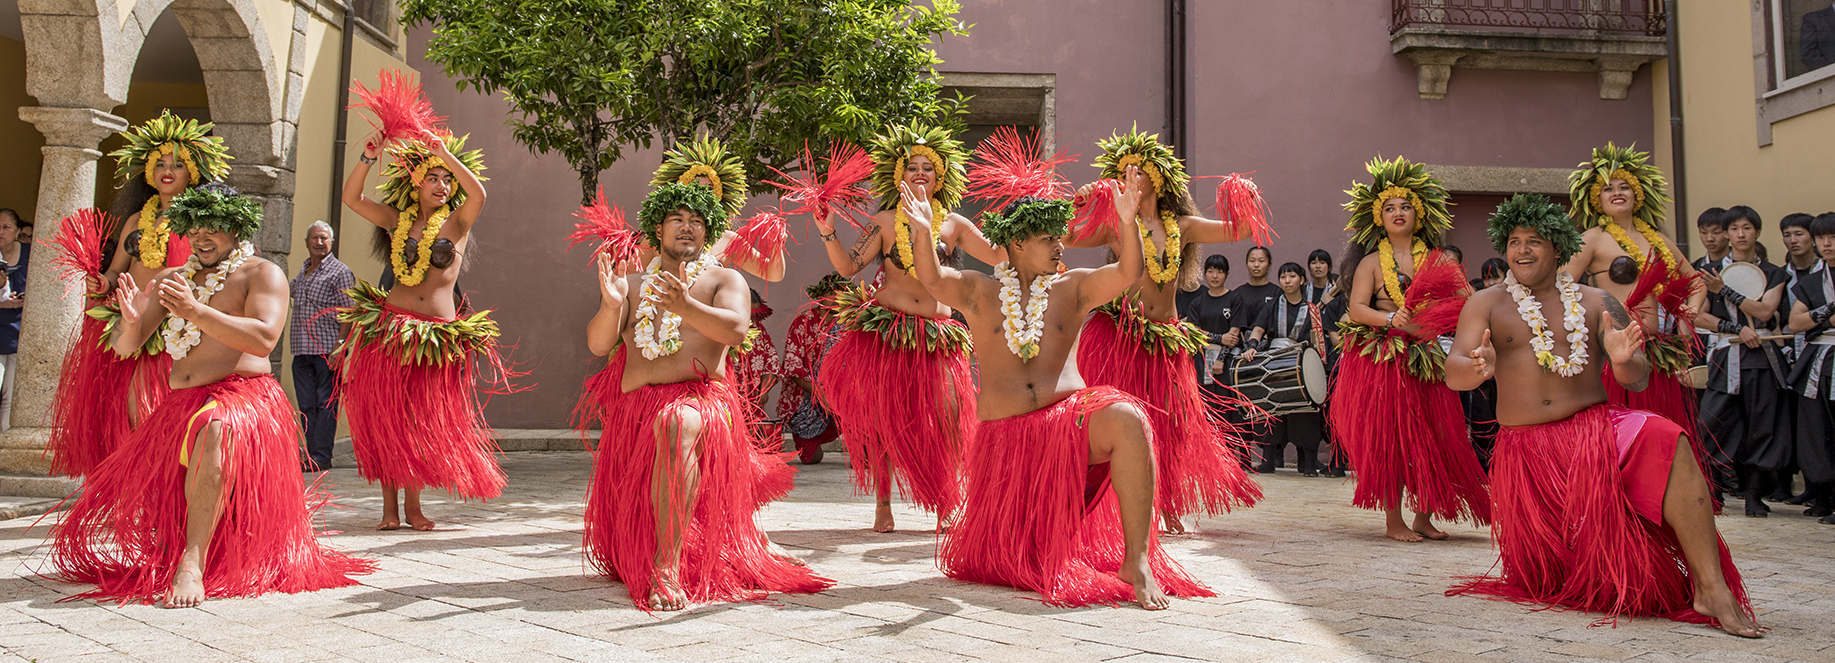 Festival do Rio apresenta espetáculos no centro da cidade